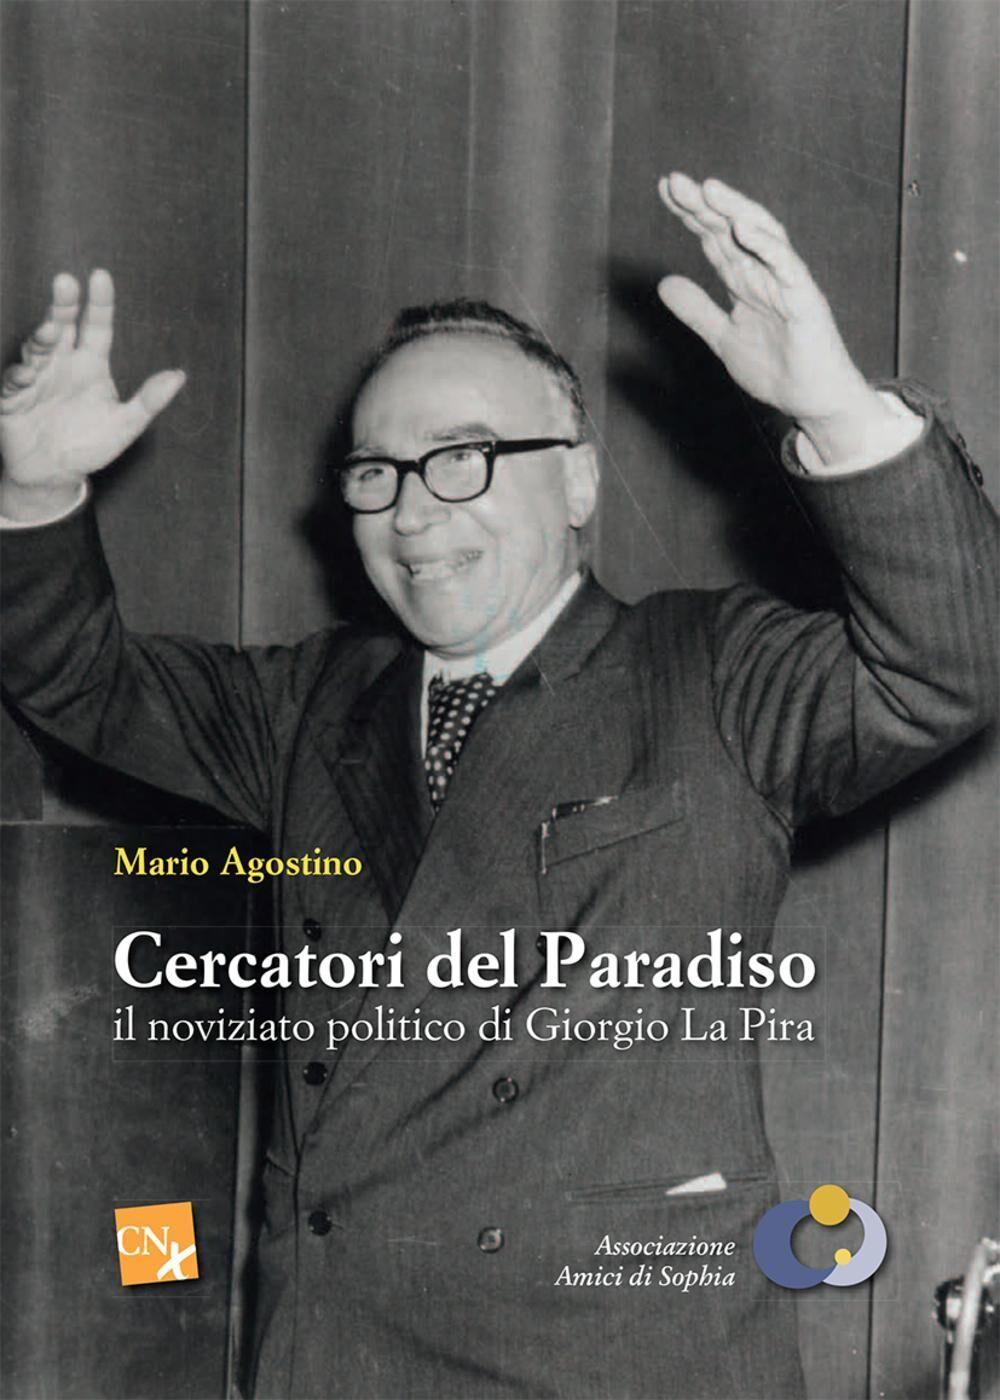 Cercatori del paradiso: il noviziato politico di Giorgo La Pira